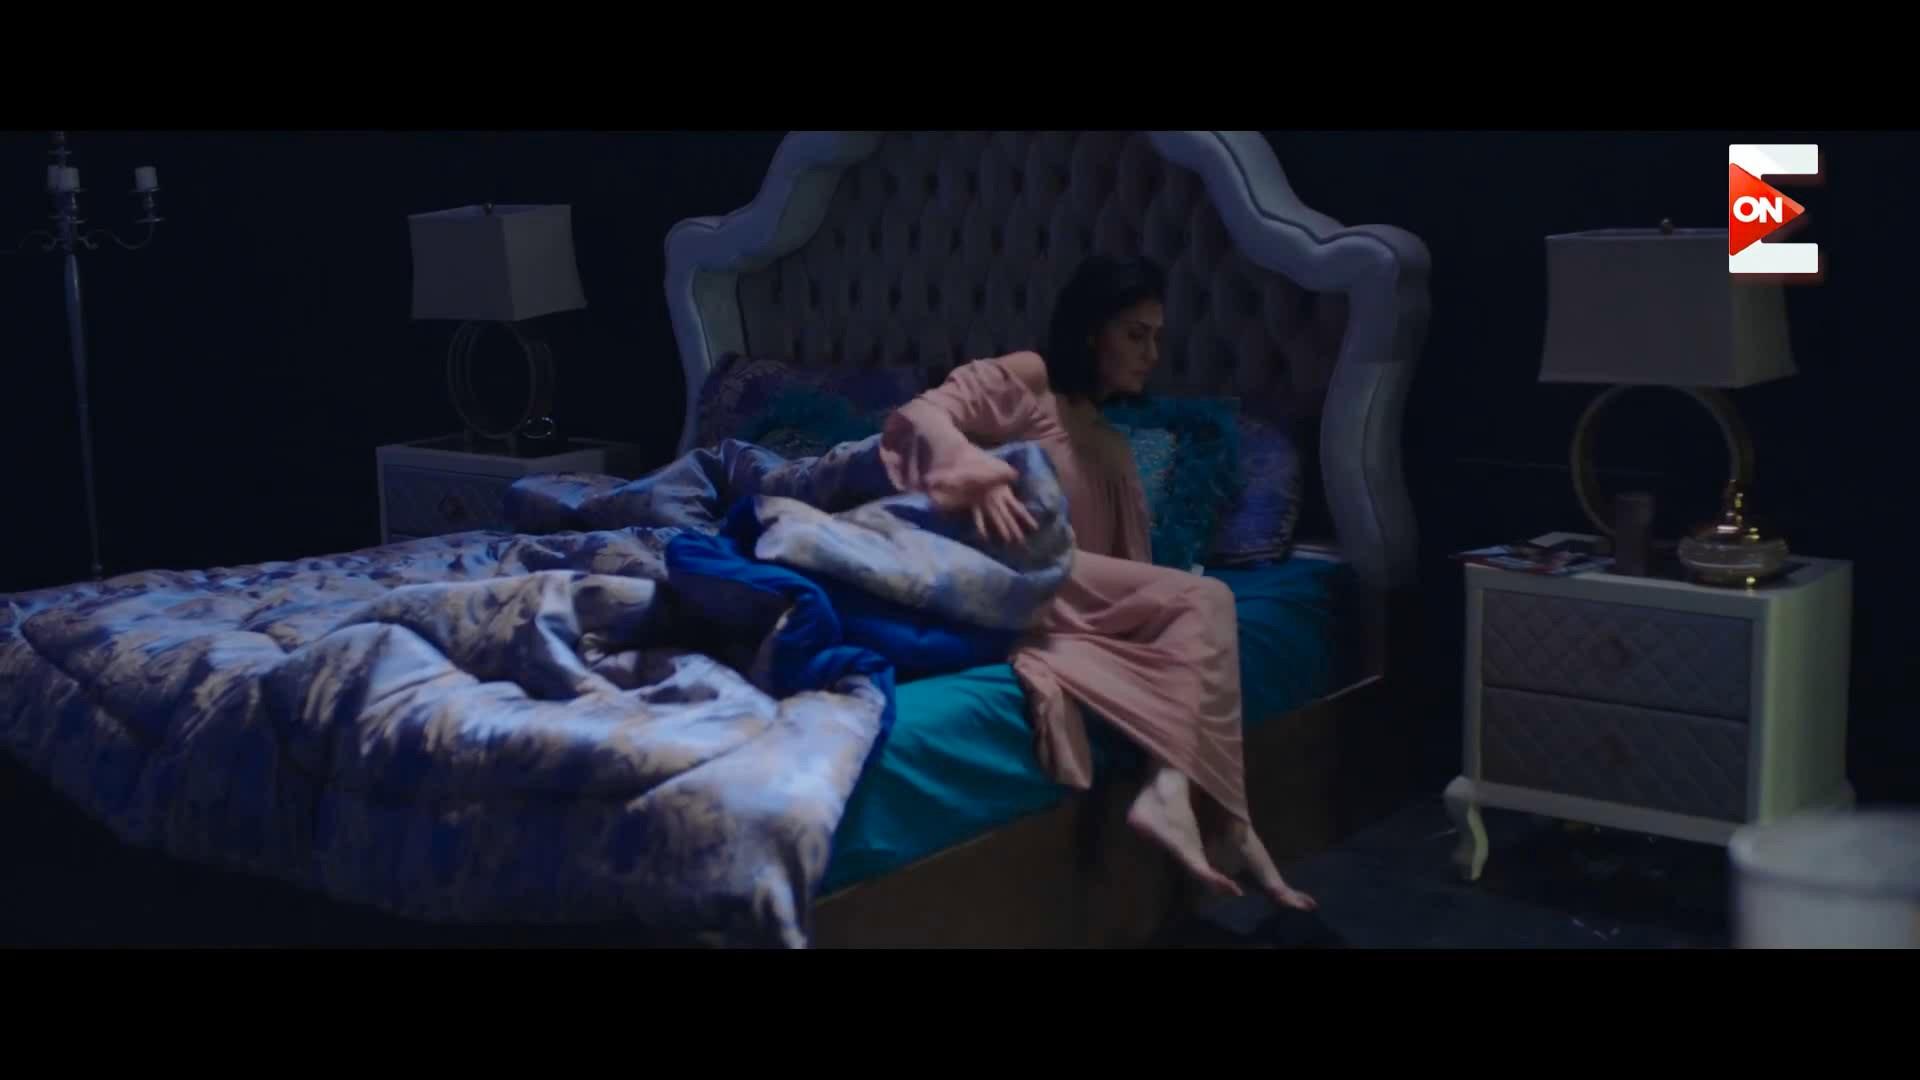 مين عاوز يكون تحت اقدام الملكه غاده عبالرازق لما تقوم من سريرها -ارض جو